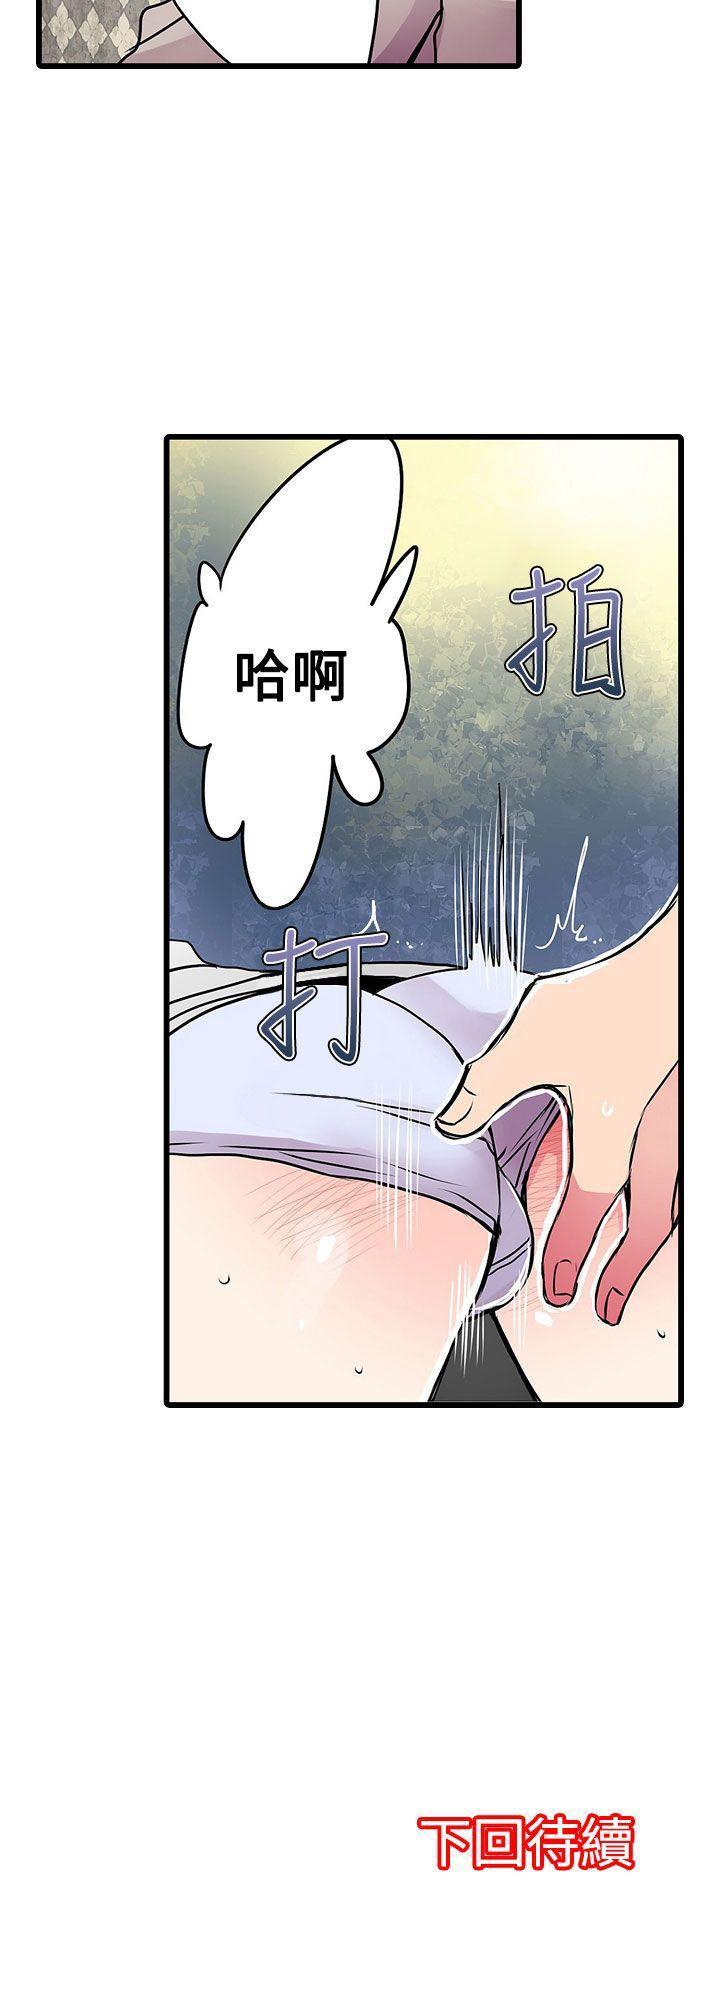 凌辱贩卖机-第21话全彩韩漫标签